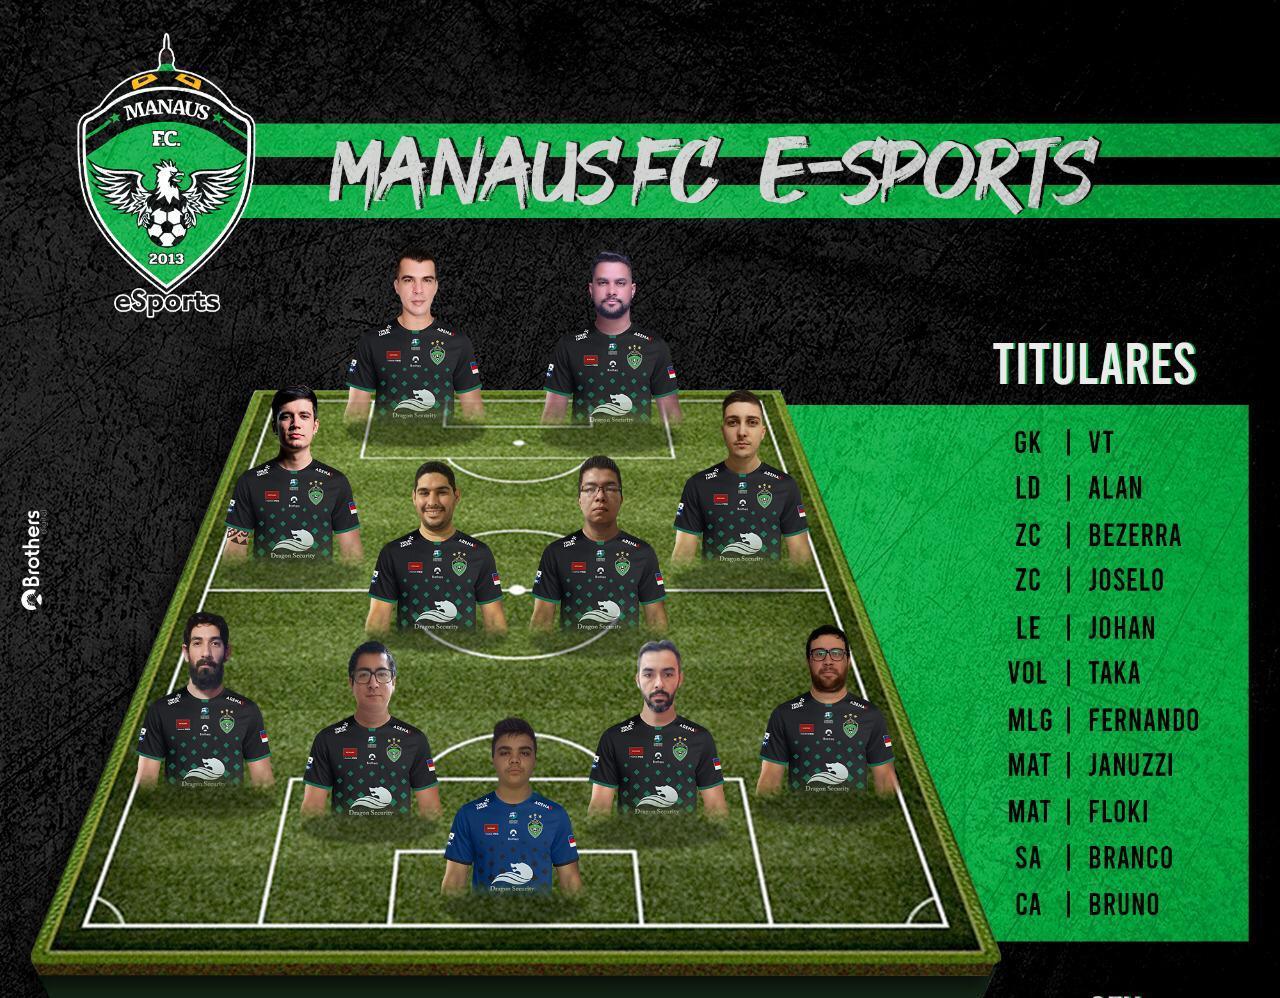 Equipe de Futebol Digital do MANAUSFC enfrenta nesta sexta-feira o Real Brasília